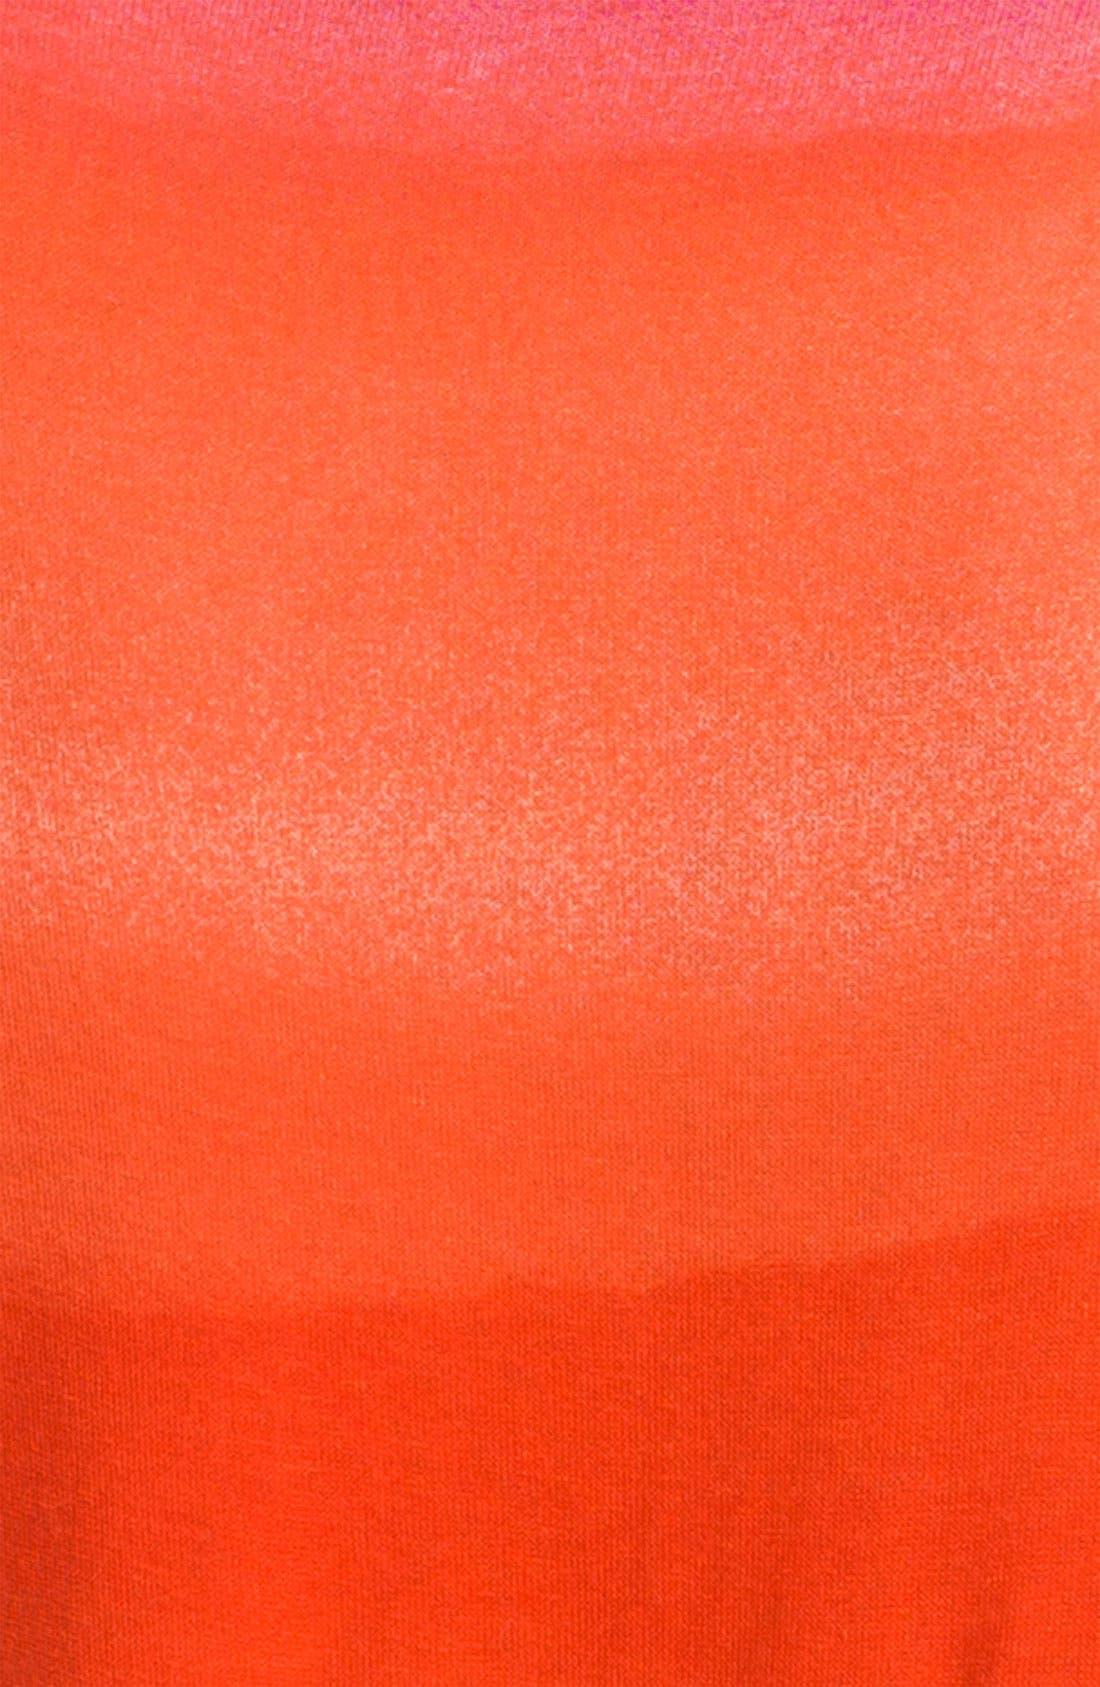 Alternate Image 3  - Karen Kane Cowl Neck Top